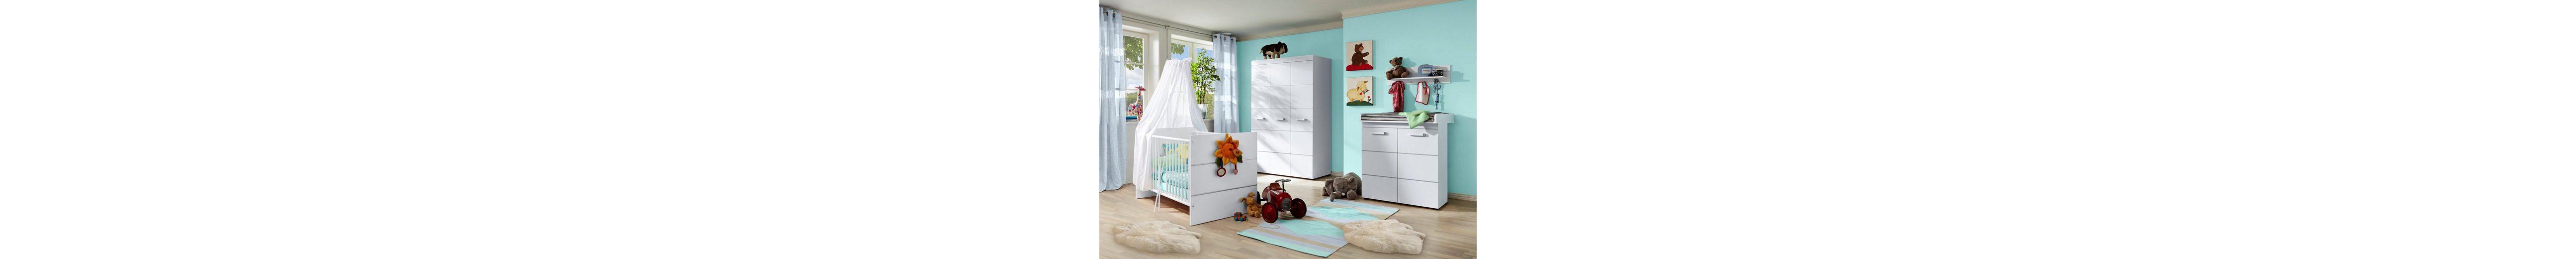 Komplett Babyzimmer »Classic« Babybett + Wickelkommode + Kleiderschrank, (3-tlg.)